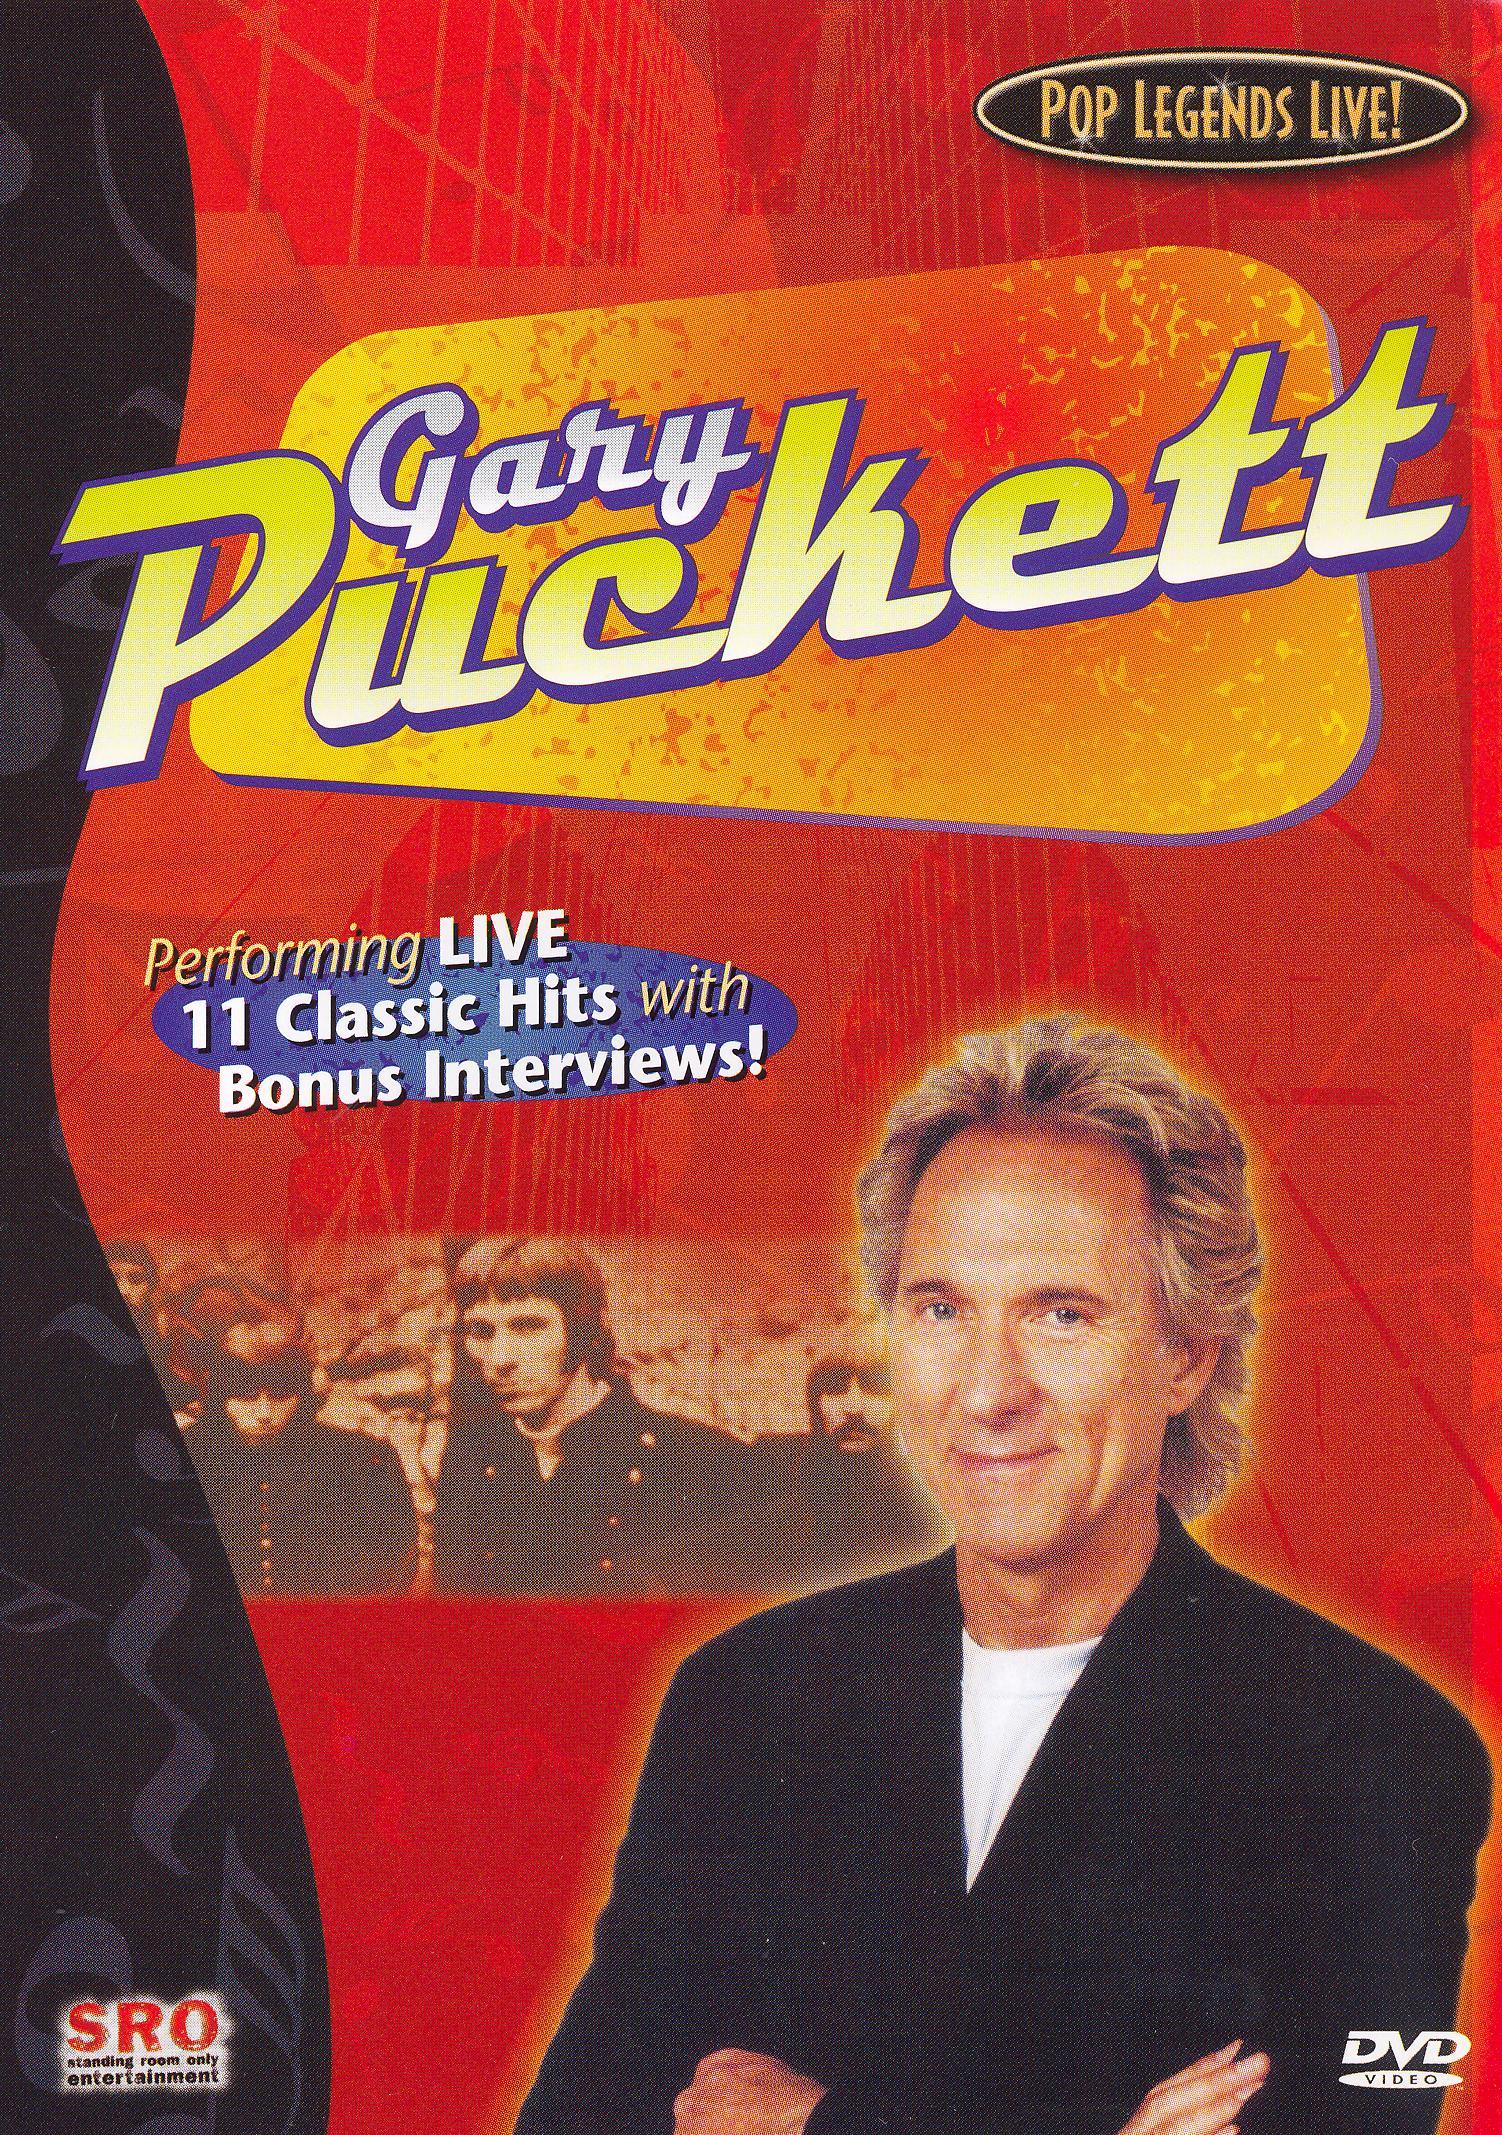 Gary Puckett: Pop Legends Live